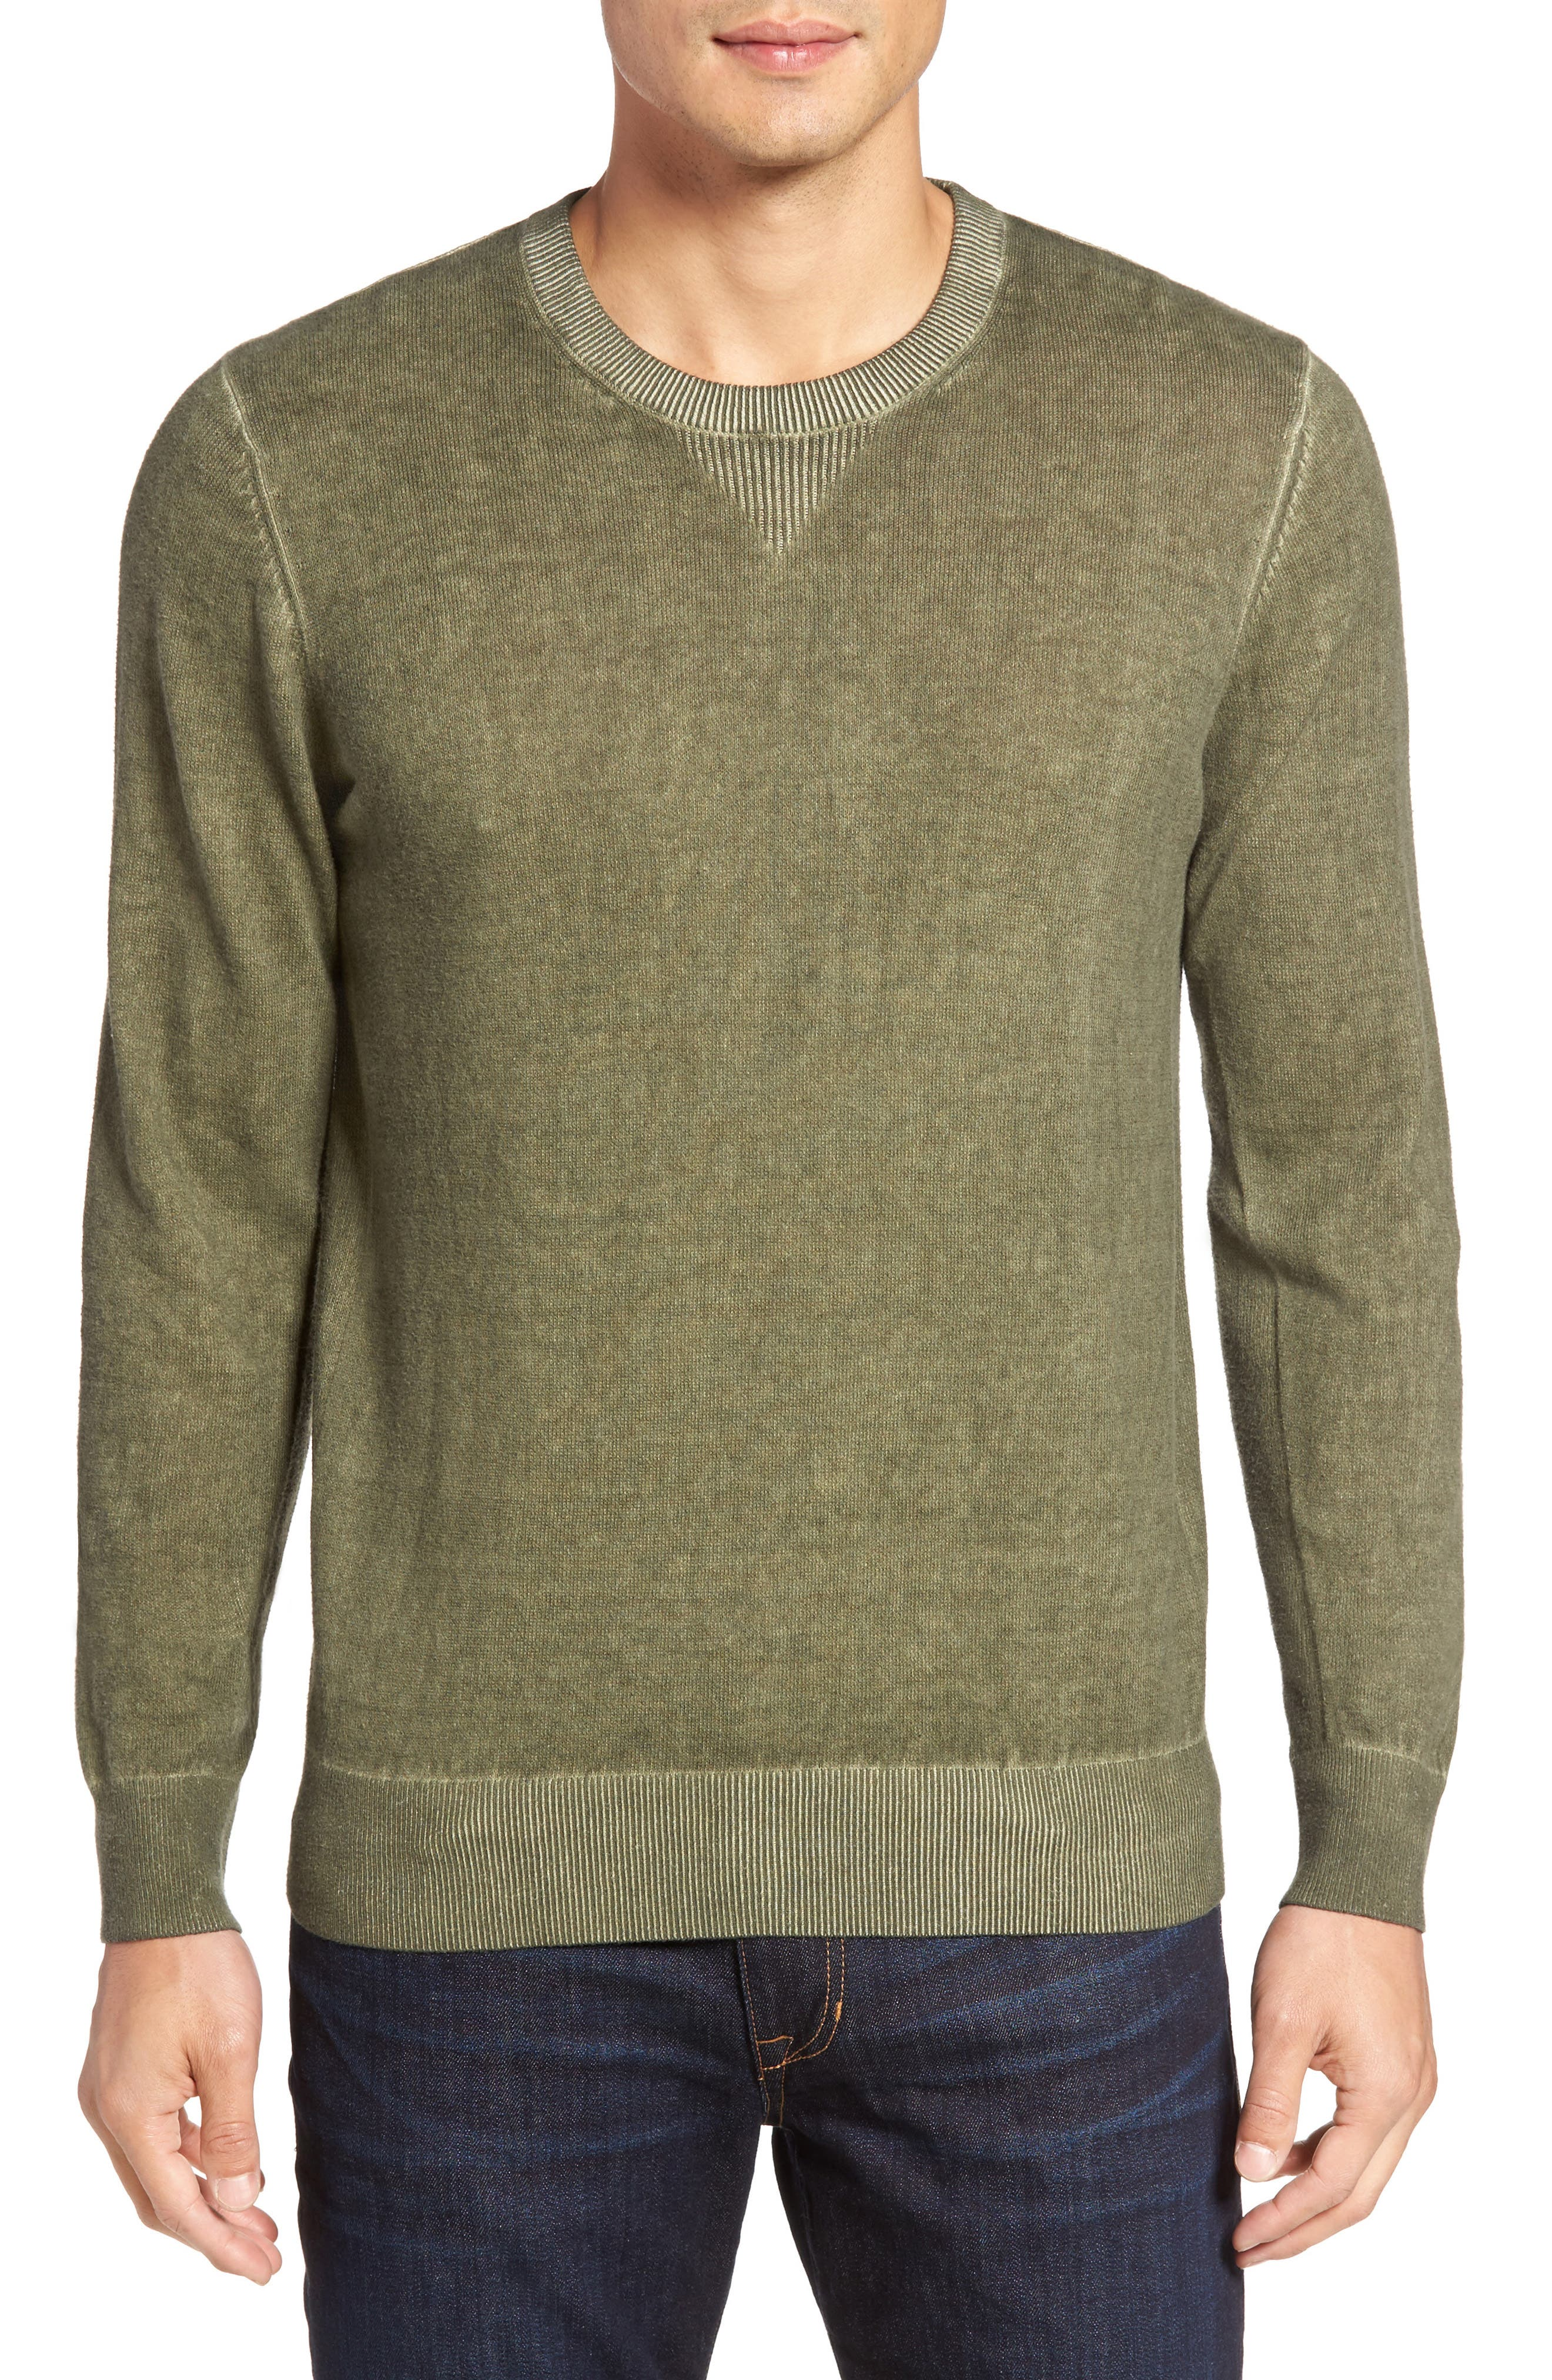 Main Image - AG Mace Crewneck Sweater